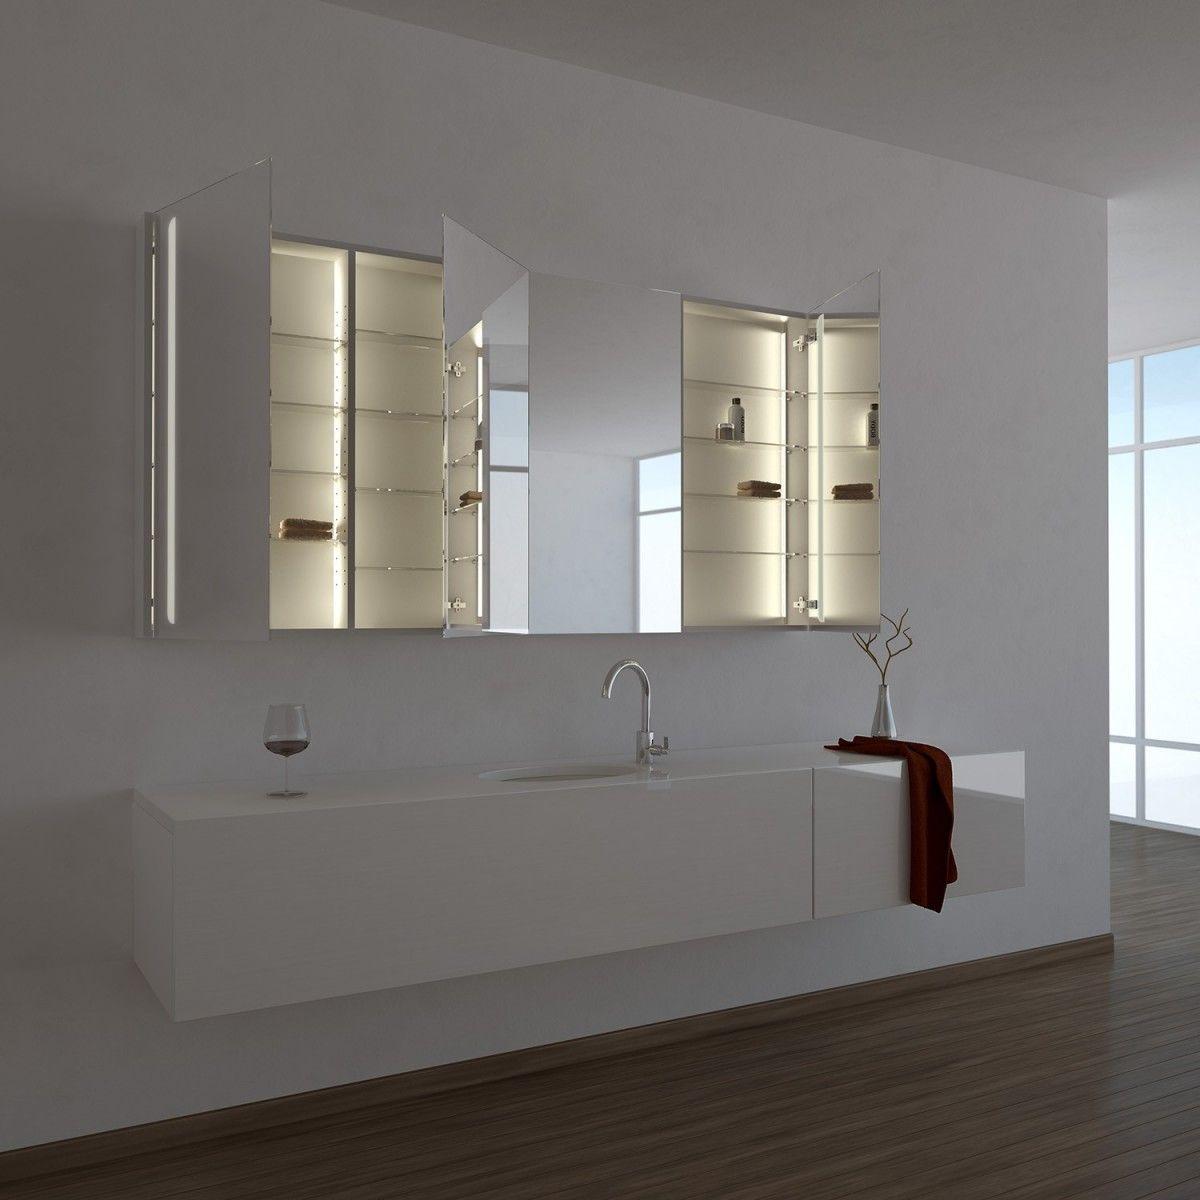 Spiegelschrank Ogrel Mit Led Beleuchtung Spiegelschrank Bad Styling Led Beleuchtung